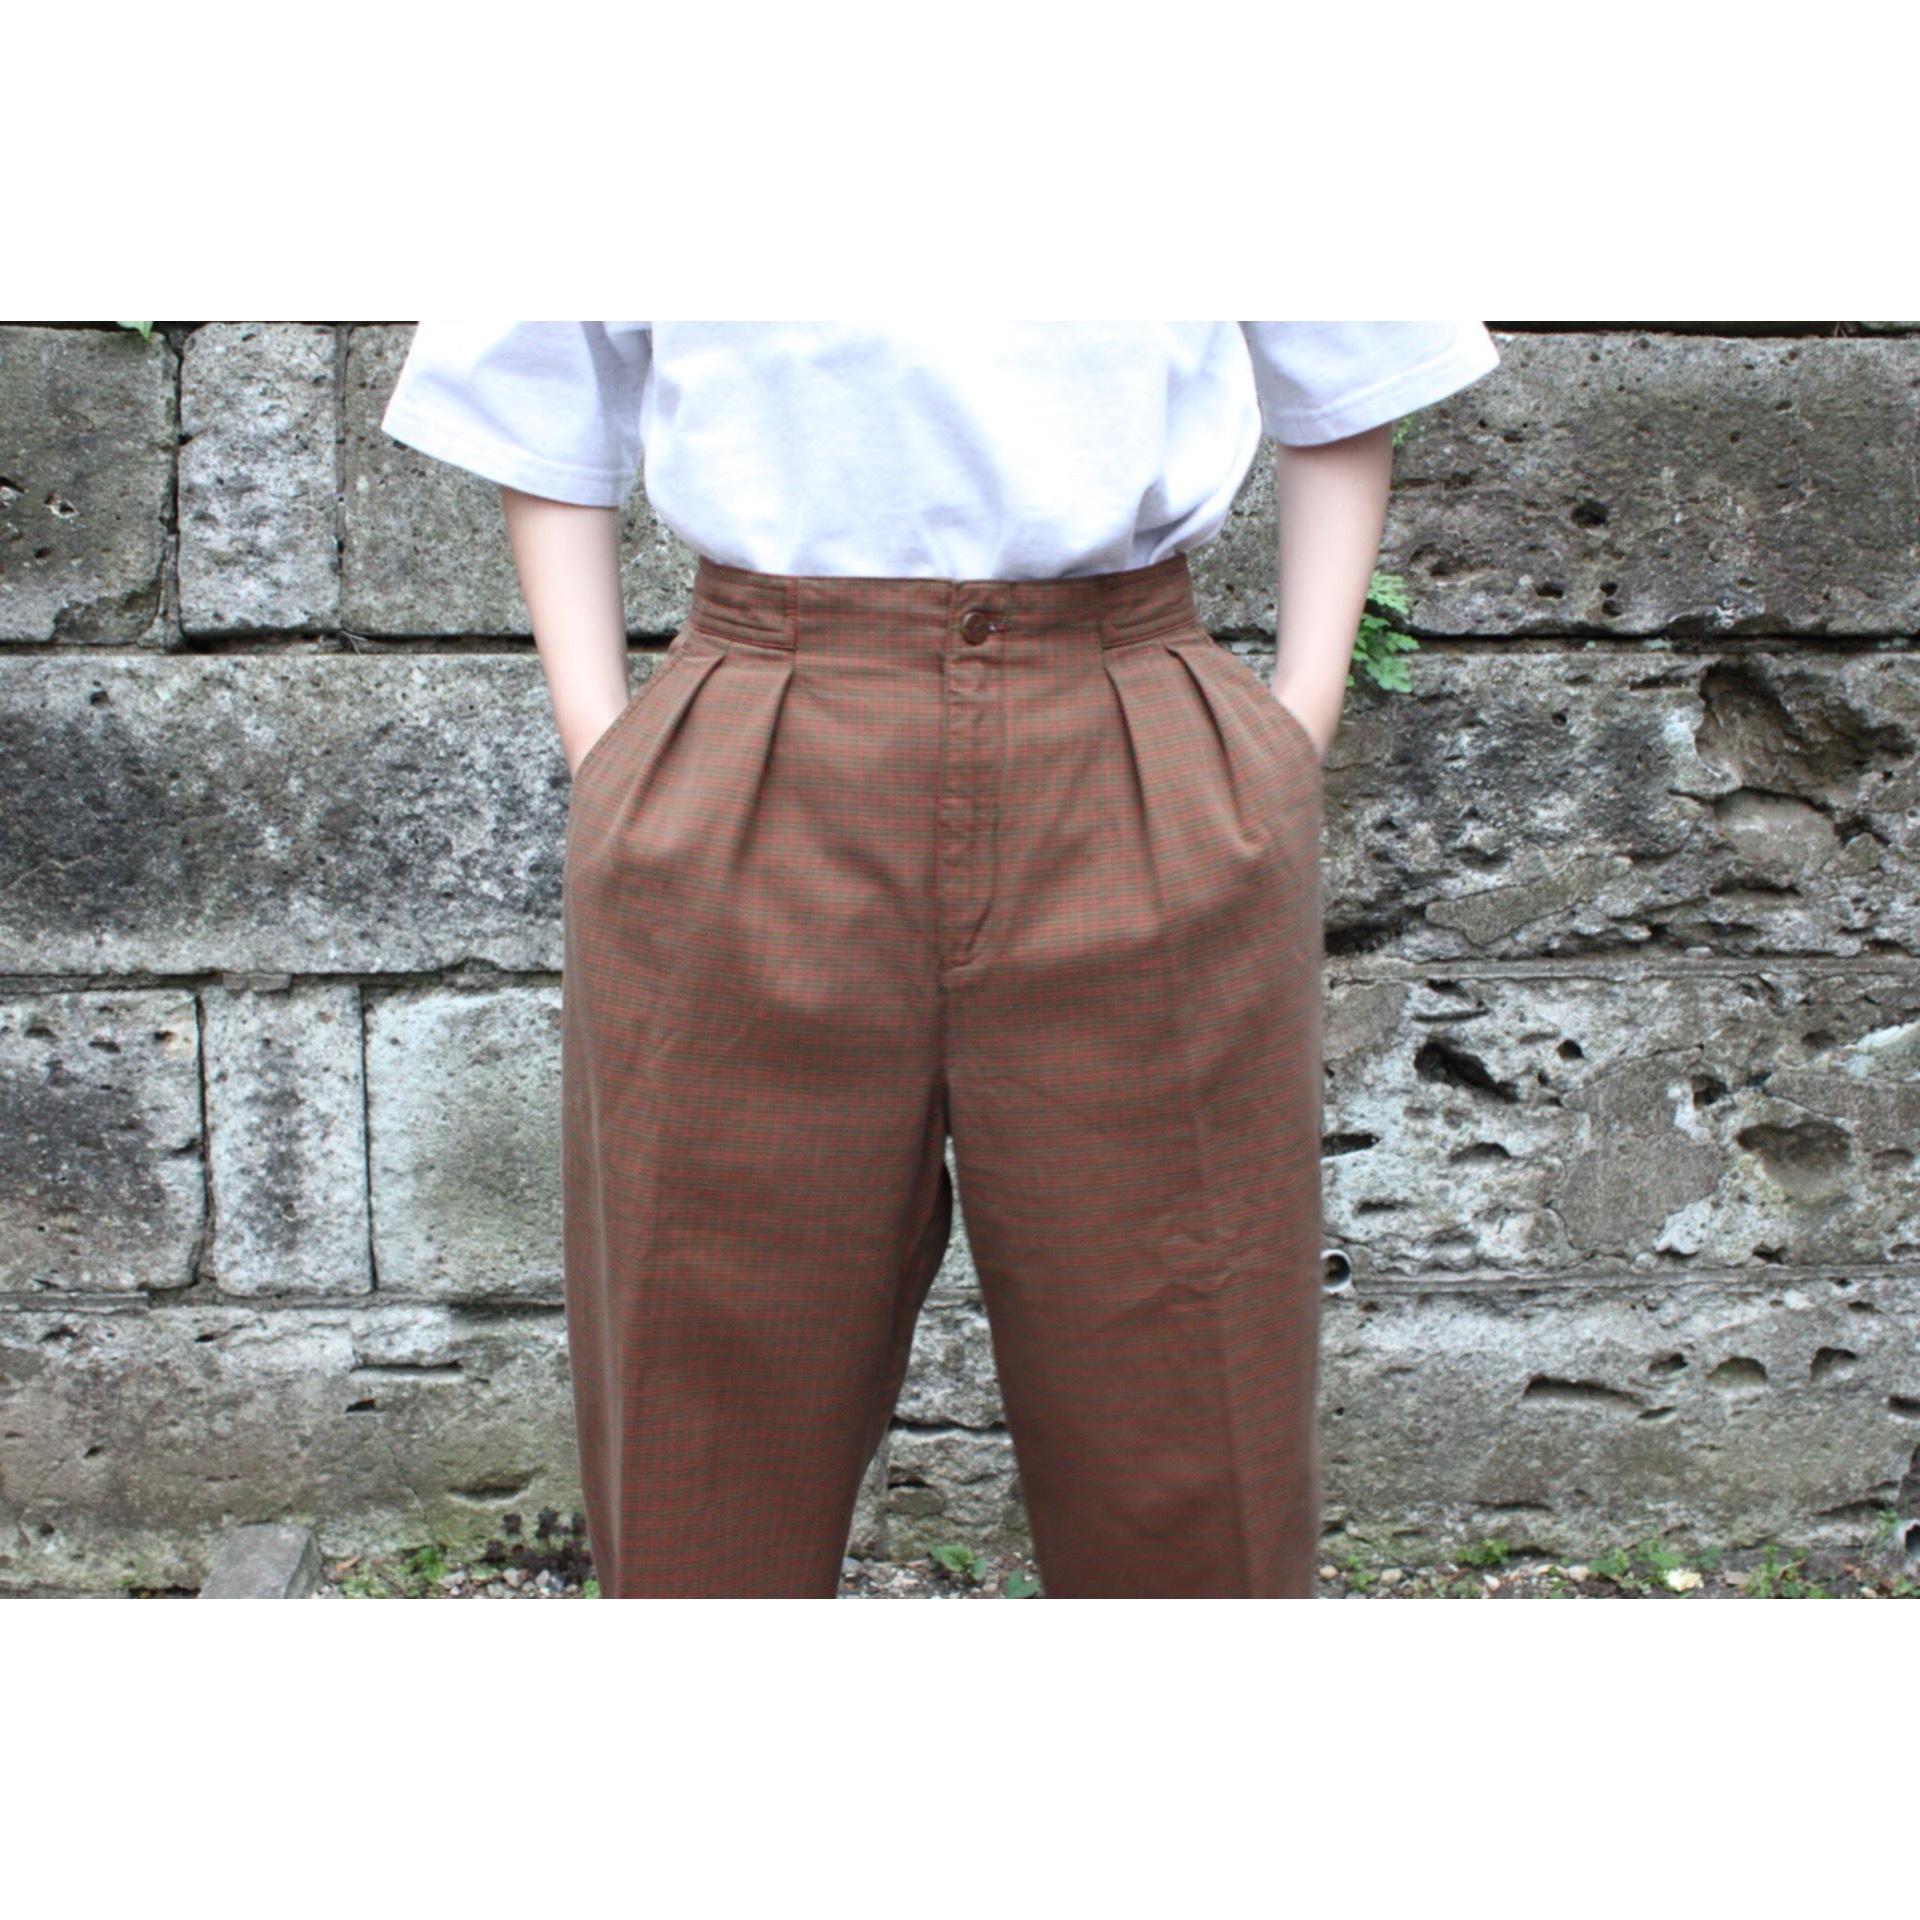 Vintage buckle back pants